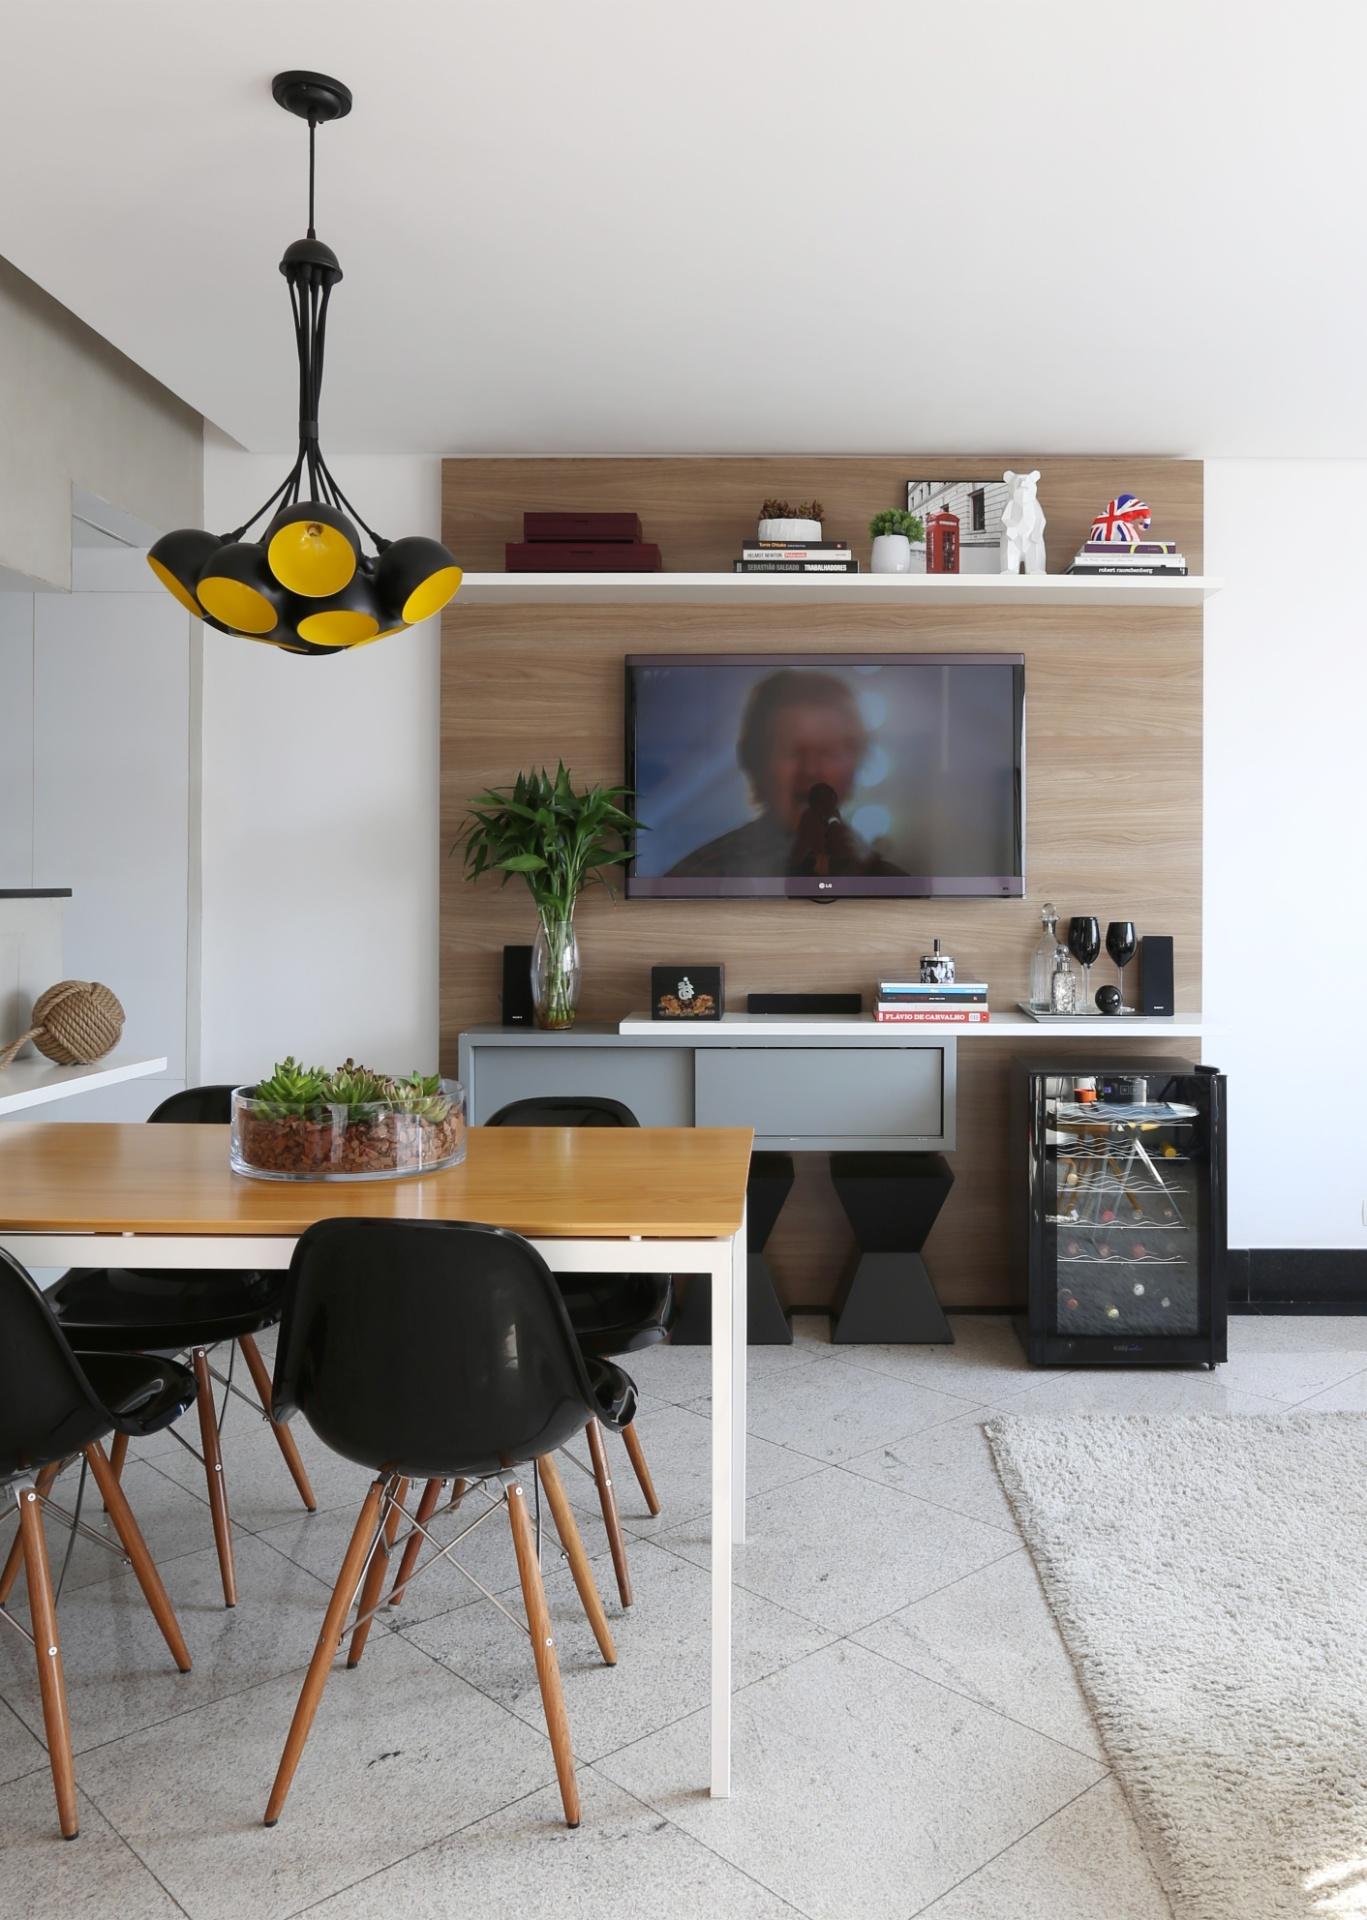 Como os moradores do apartamento no bairro Vila Olímpia, em São Paulo (SP), costumam receber amigos em casa, a arquiteta Duda Senna escolheu uma mesa de jantar (Oppa) que fica, em parte, encaixada sob o aparador (à esq.). O recurso economiza espaço no dia a dia, mas, caso haja mais do que quatro pessoas para uma refeição, o móvel pode ser deslocado para o centro e ganhar, ao redor de si, banquetas (que ficam dispostas junto ao painel do home theater, ao fundo)